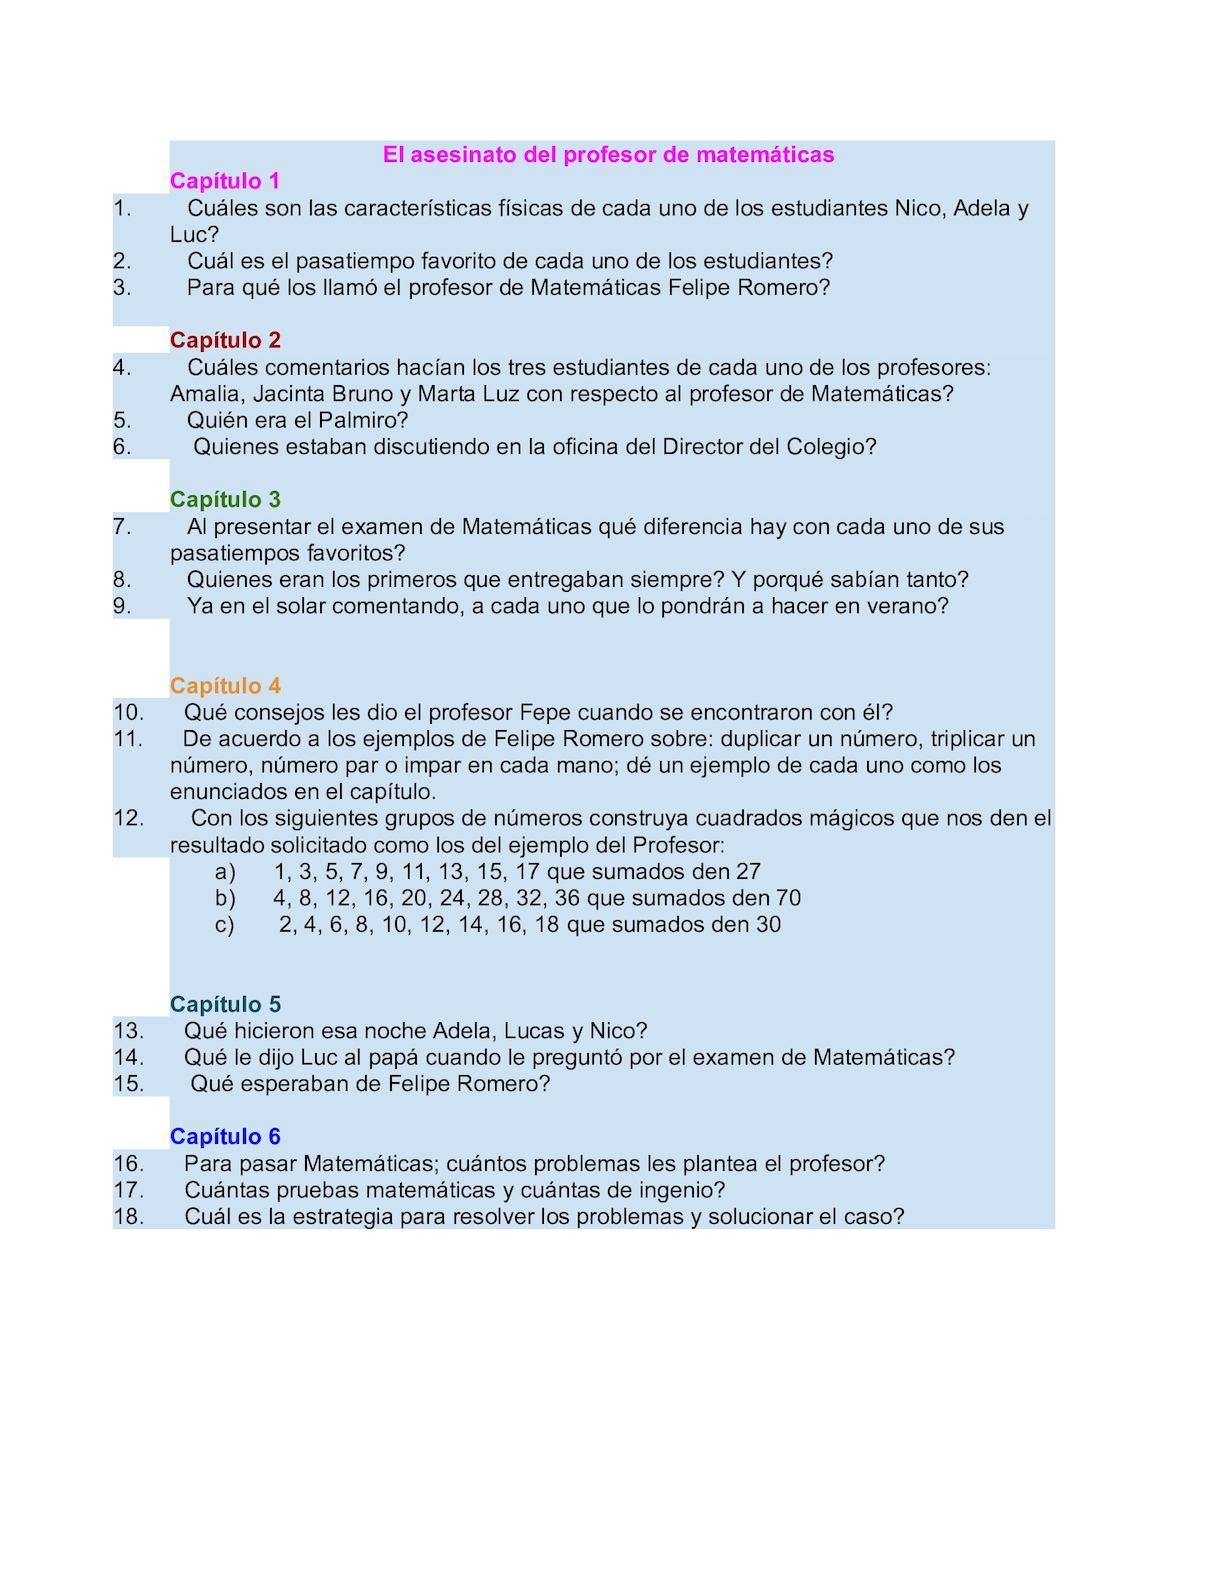 Calaméo - Evaluacion Del Asesinato Del Profesor De Matemáticas